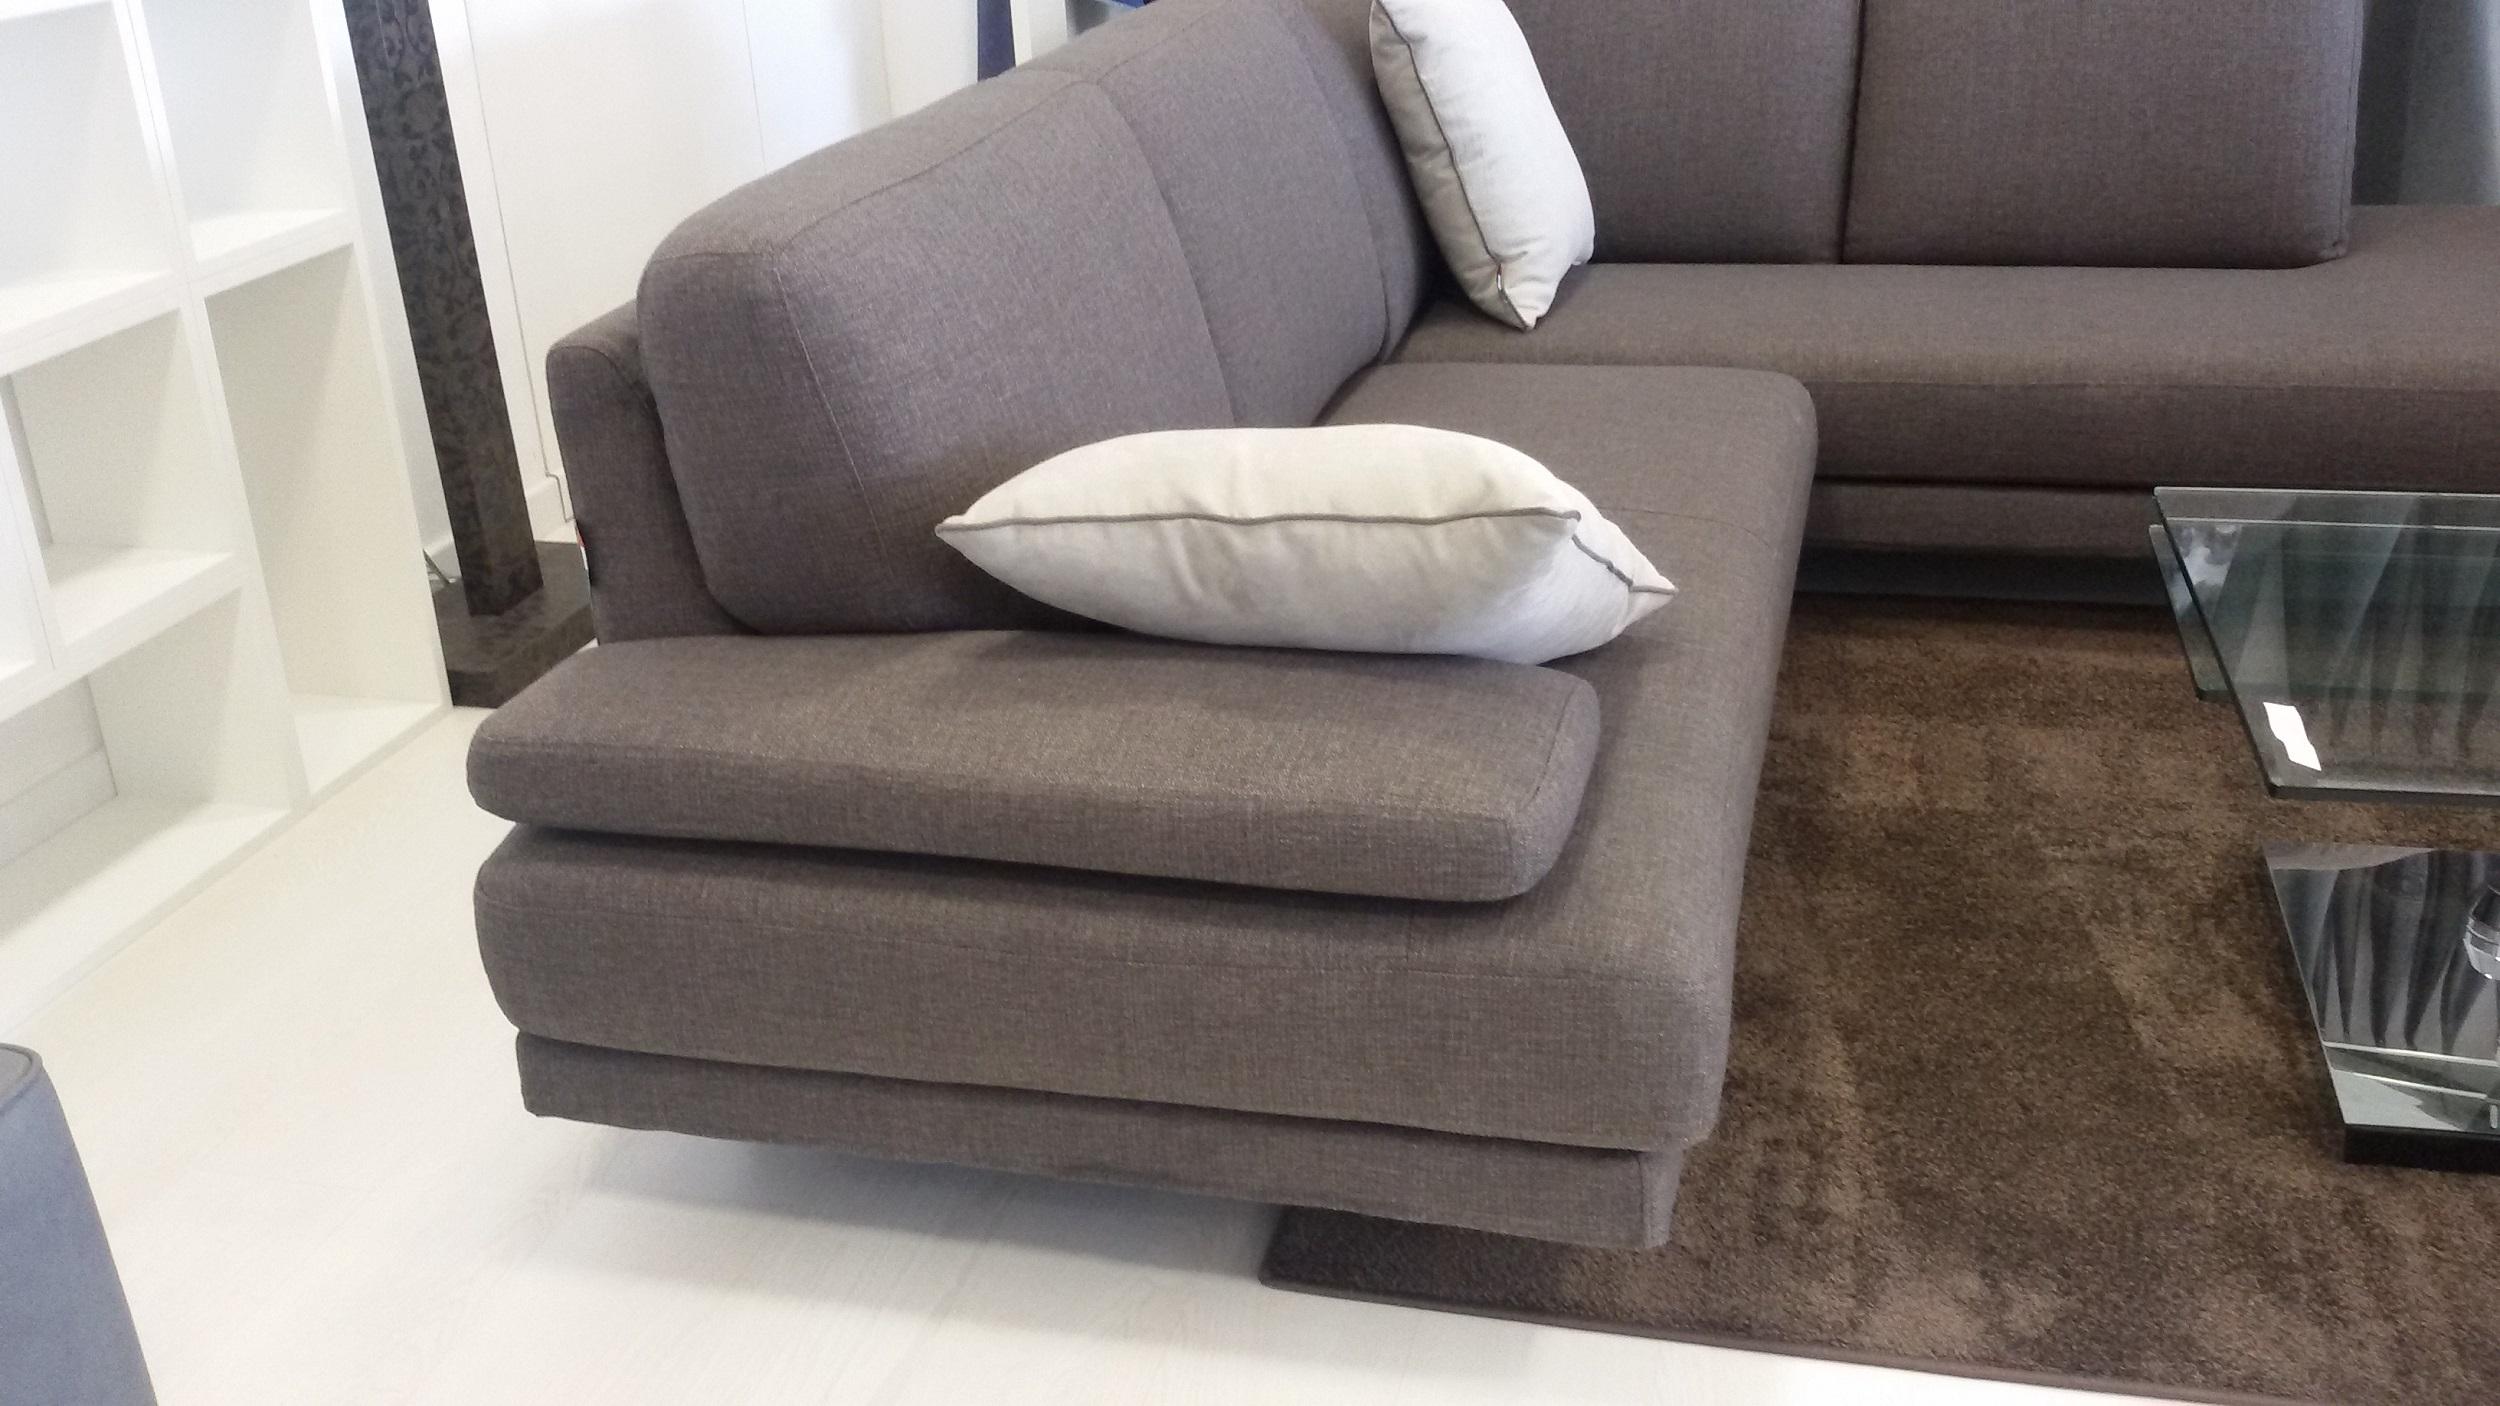 Divano angolare in tessuto divani a prezzi scontati - Copridivano angolare 5 posti ...